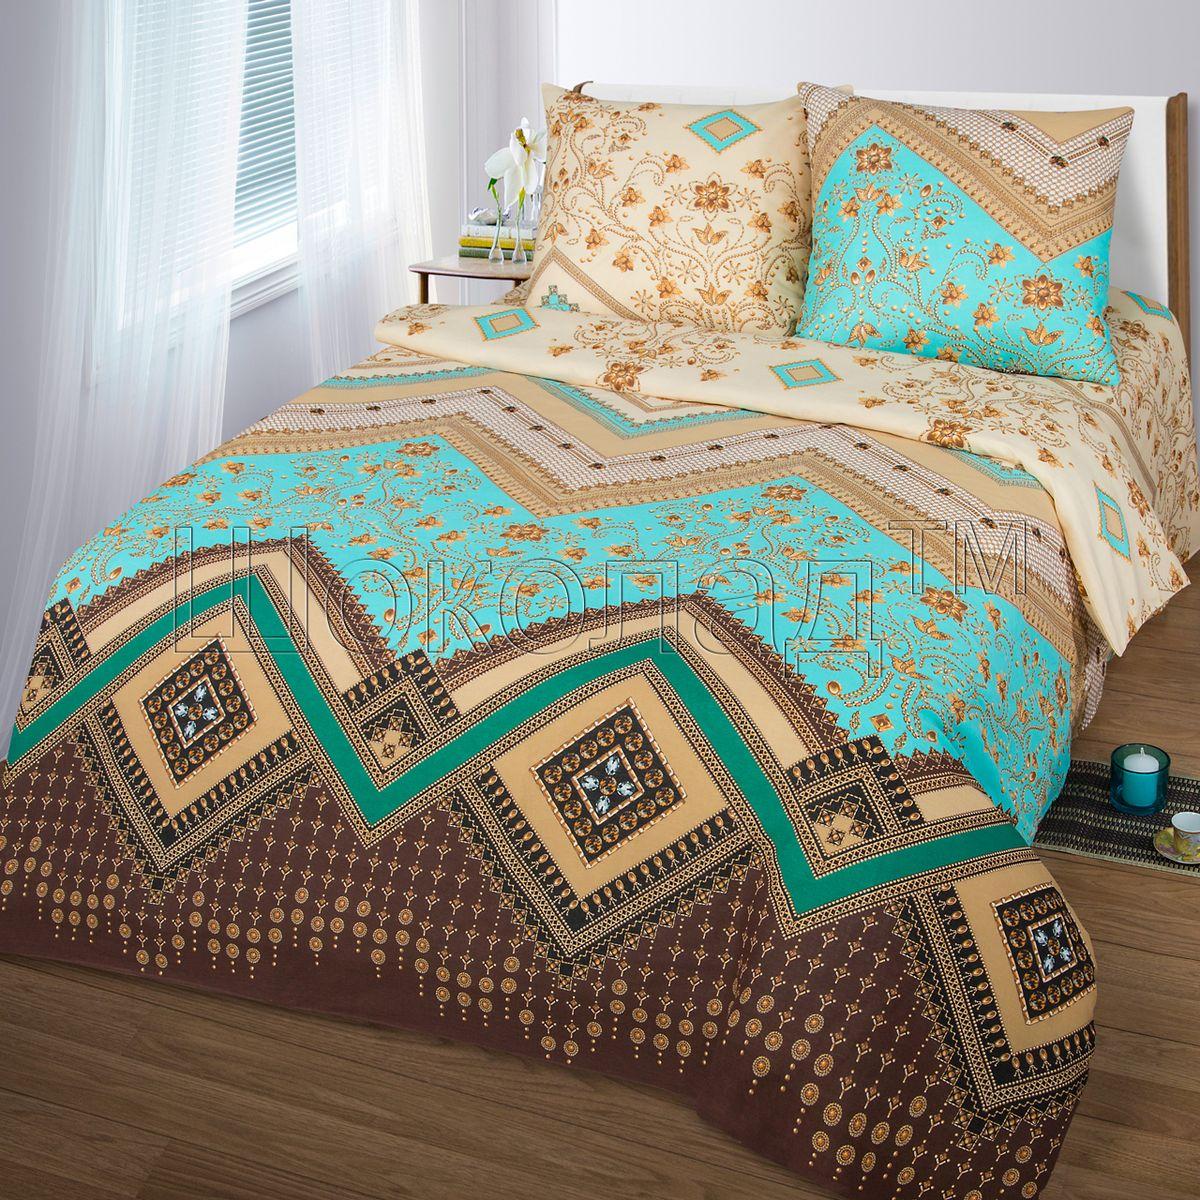 Комплект белья Шоколад Ривьера, 1,5-спальный, наволочки 70x70. Б100КП1Комплект постельного белья Шоколад Ривьера является экологически безопасным для всей семьи, так как выполнен из натурального хлопка. Комплект состоит из пододеяльника, простыни и двух наволочек. Постельное белье оформлено оригинальным рисунком и имеет изысканный внешний вид.Бязь - это ткань полотняного переплетения, изготовленная из экологически чистого и натурального 100% хлопка. Она прочная, мягкая, обладает низкой сминаемостью, легко стирается и хорошо гладится. Бязь прекрасно пропускает воздух и за ней легко ухаживать. При соблюдении рекомендуемых условий стирки, сушки и глажения ткань имеет усадку по ГОСТу, сохранятся яркость текстильных рисунков. Приобретая комплект постельного белья Шоколад Ривьера вы можете быть уверены в том, что покупка доставит вам и вашим близким удовольствие и подарит максимальный комфорт.